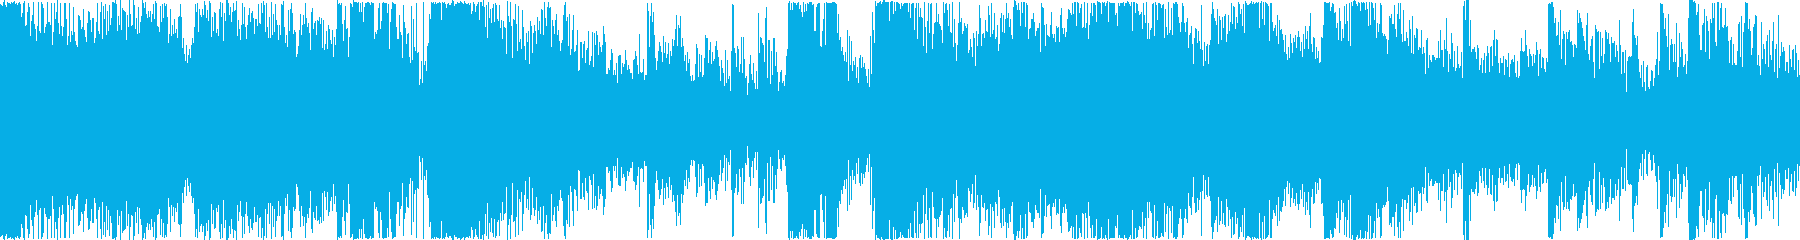 ソウル/ R&B /ファンク。テナ...の再生済みの波形